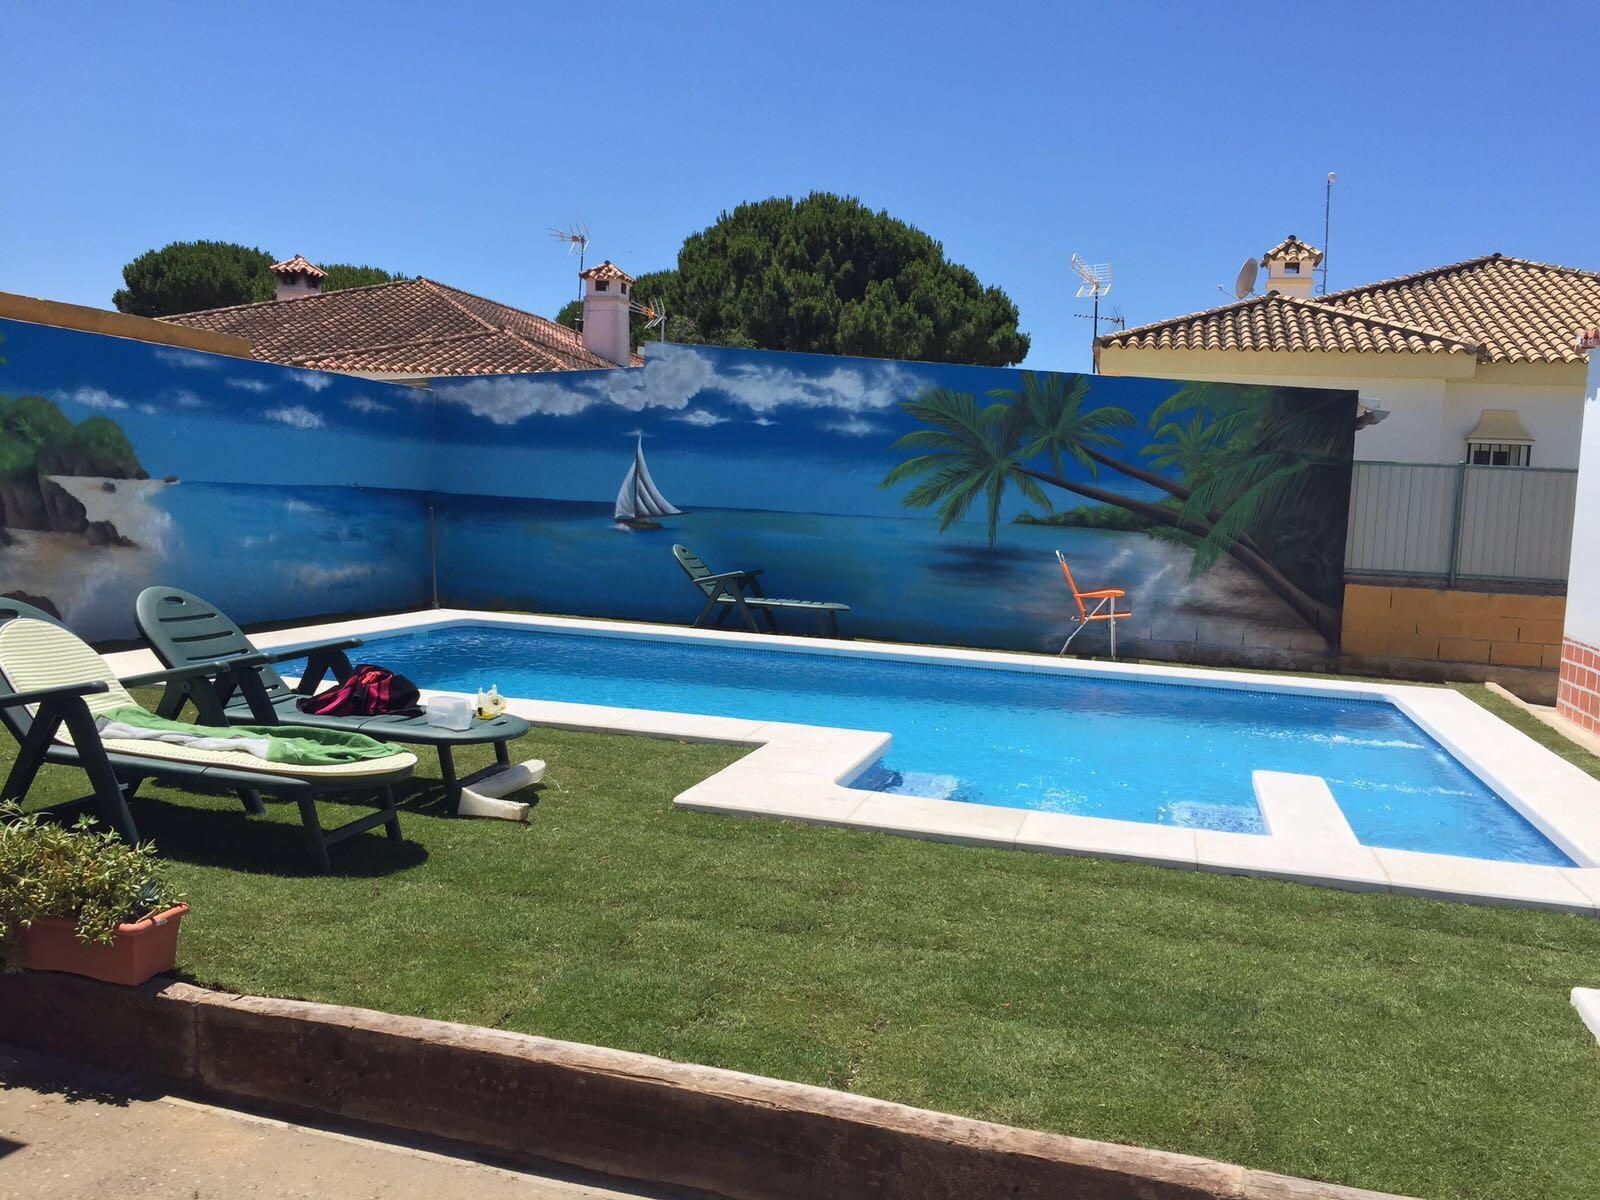 piscinas 2017 una muestra de nuestro trabajo aqualar